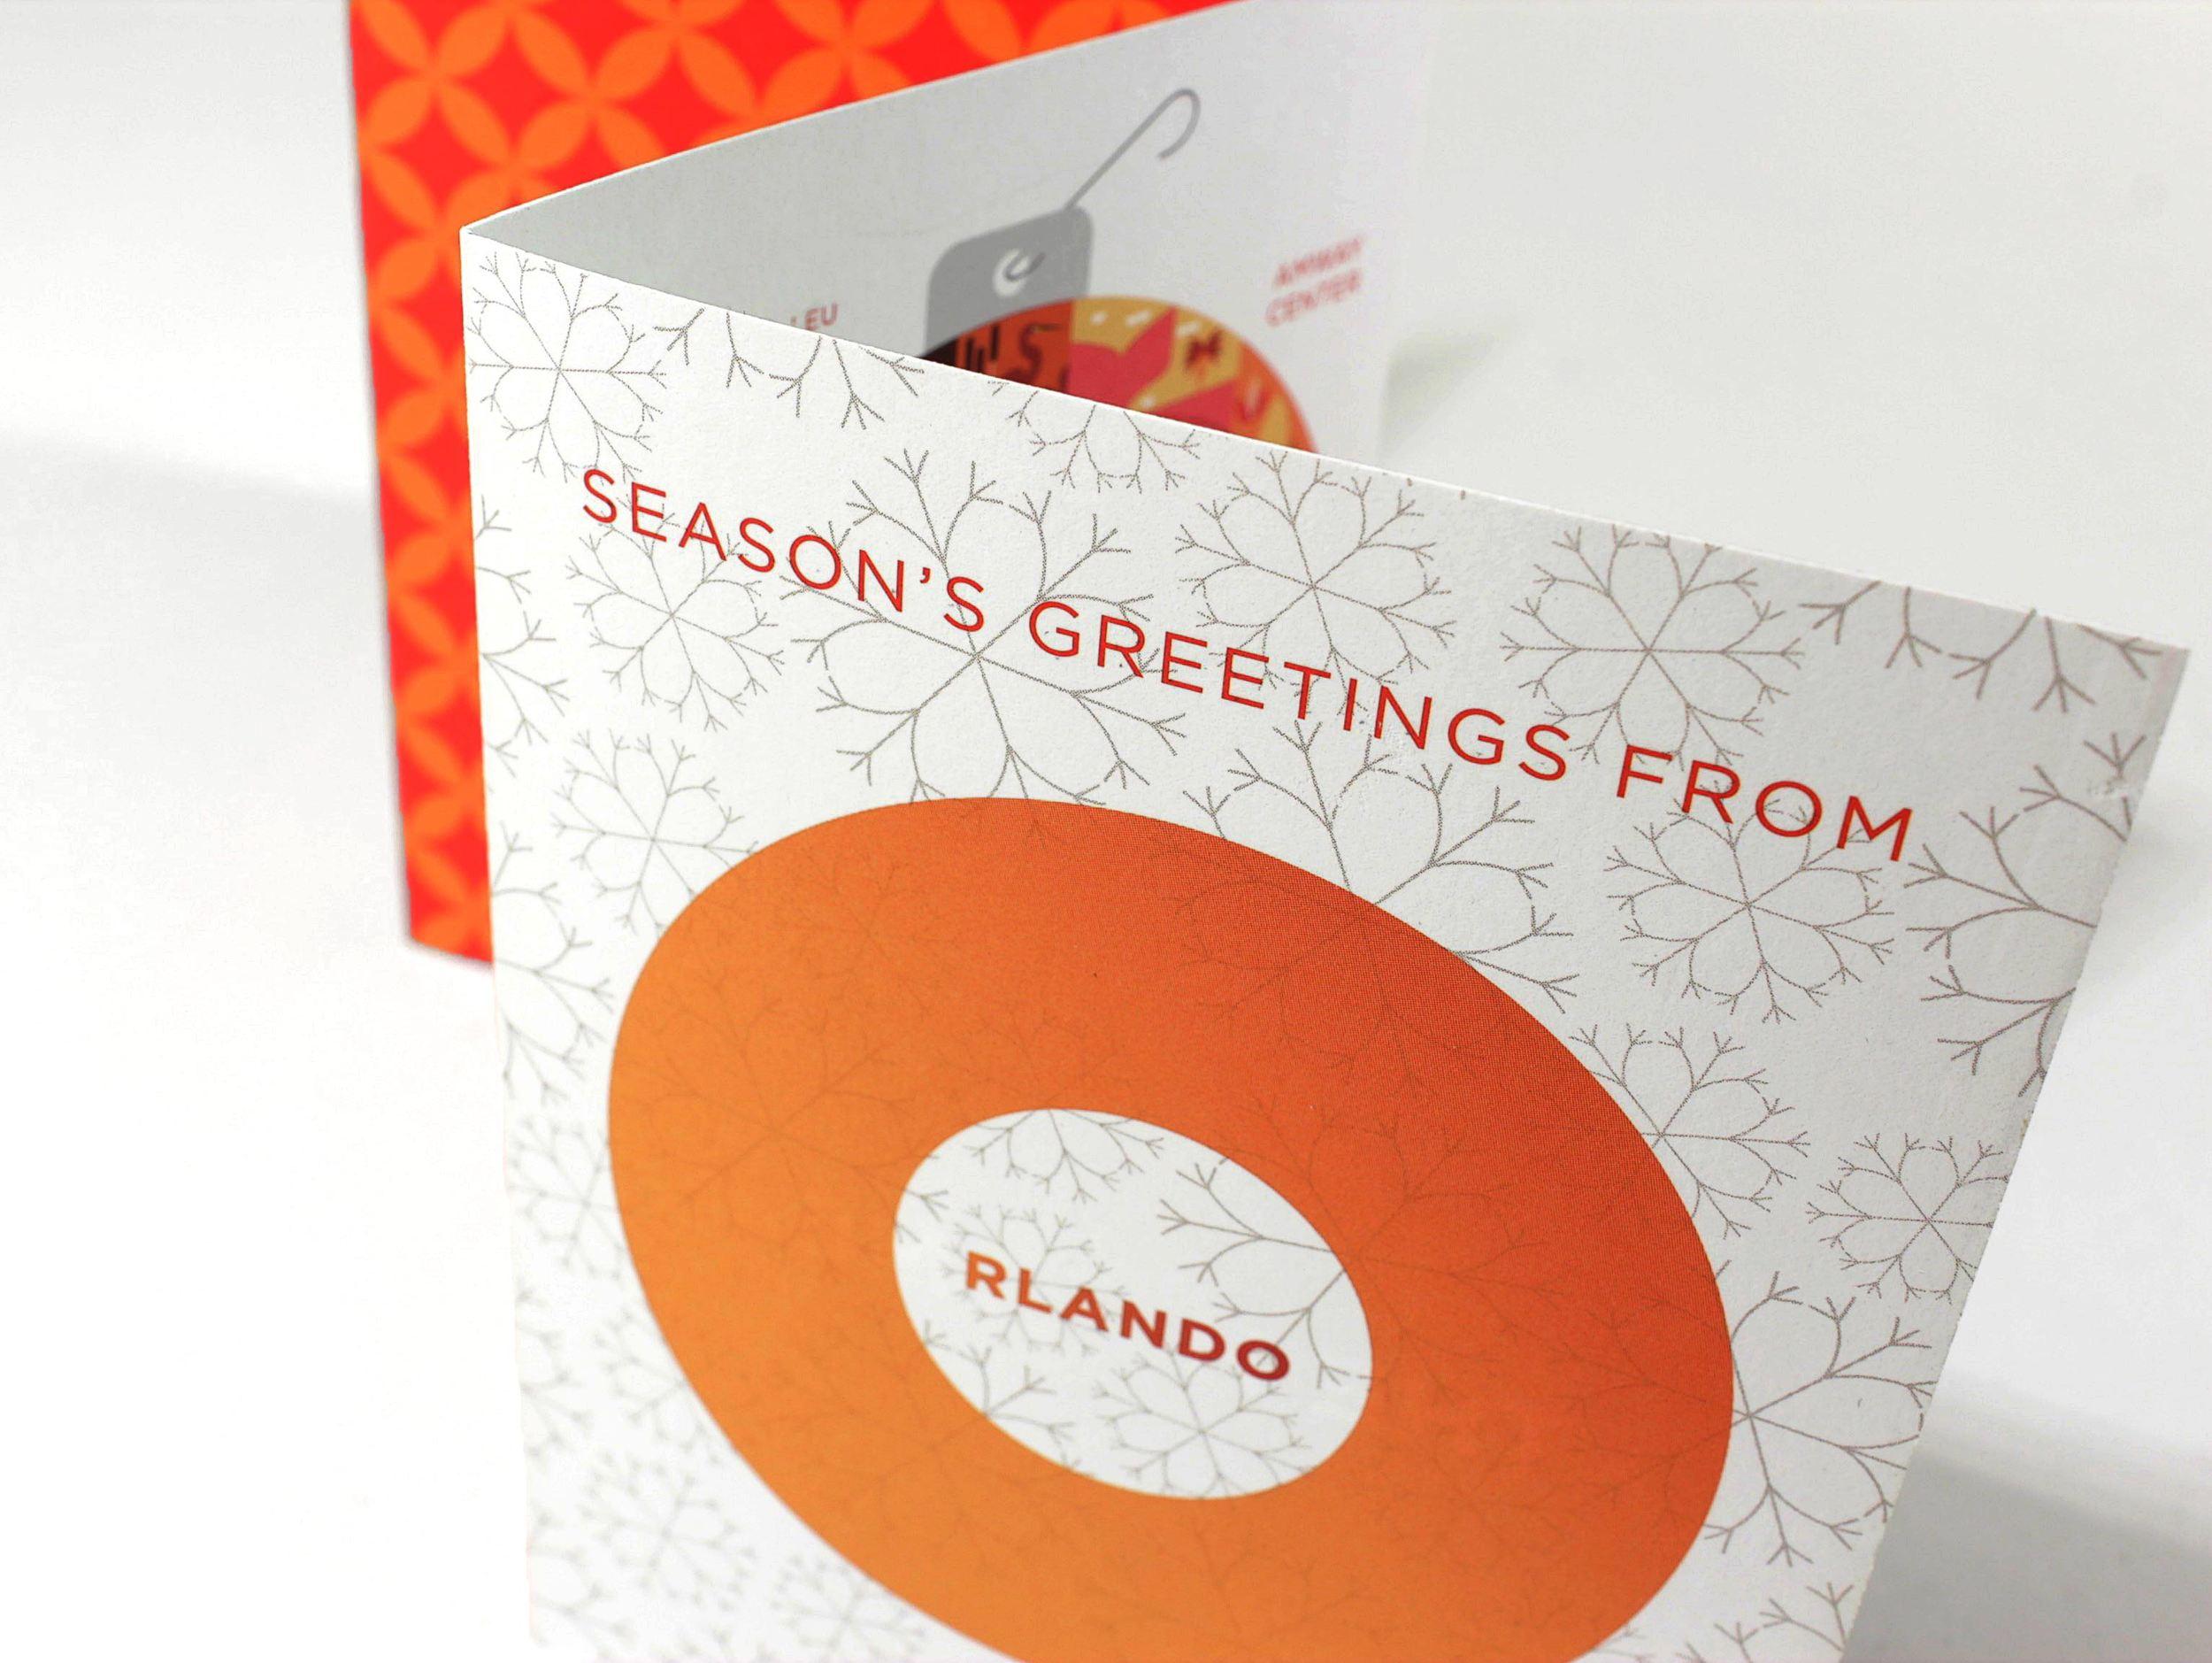 Orlando Venues Holiday Card